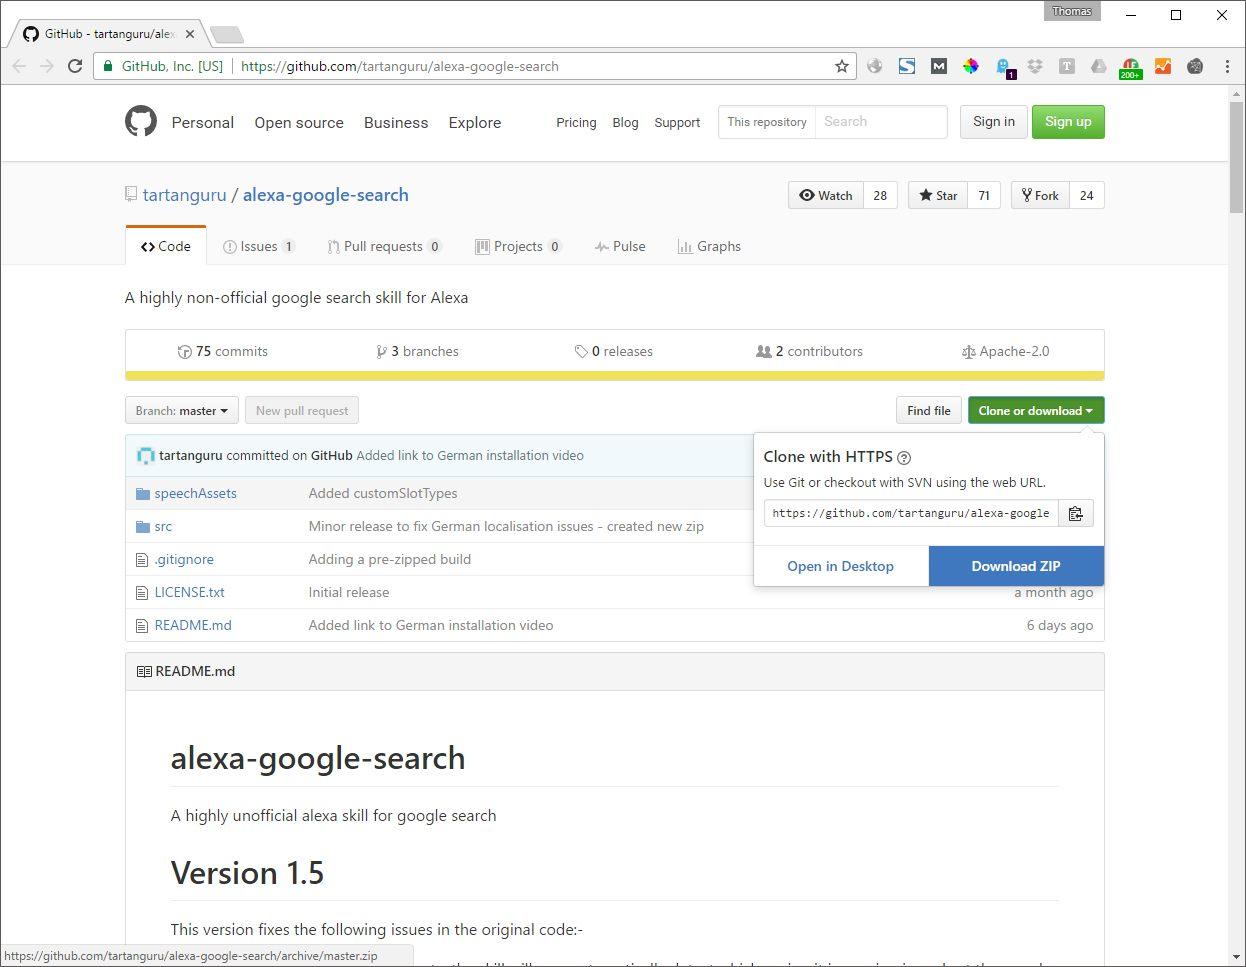 Erfreut Suche Auf Google Fortsetzen Galerie - Beispiel ...